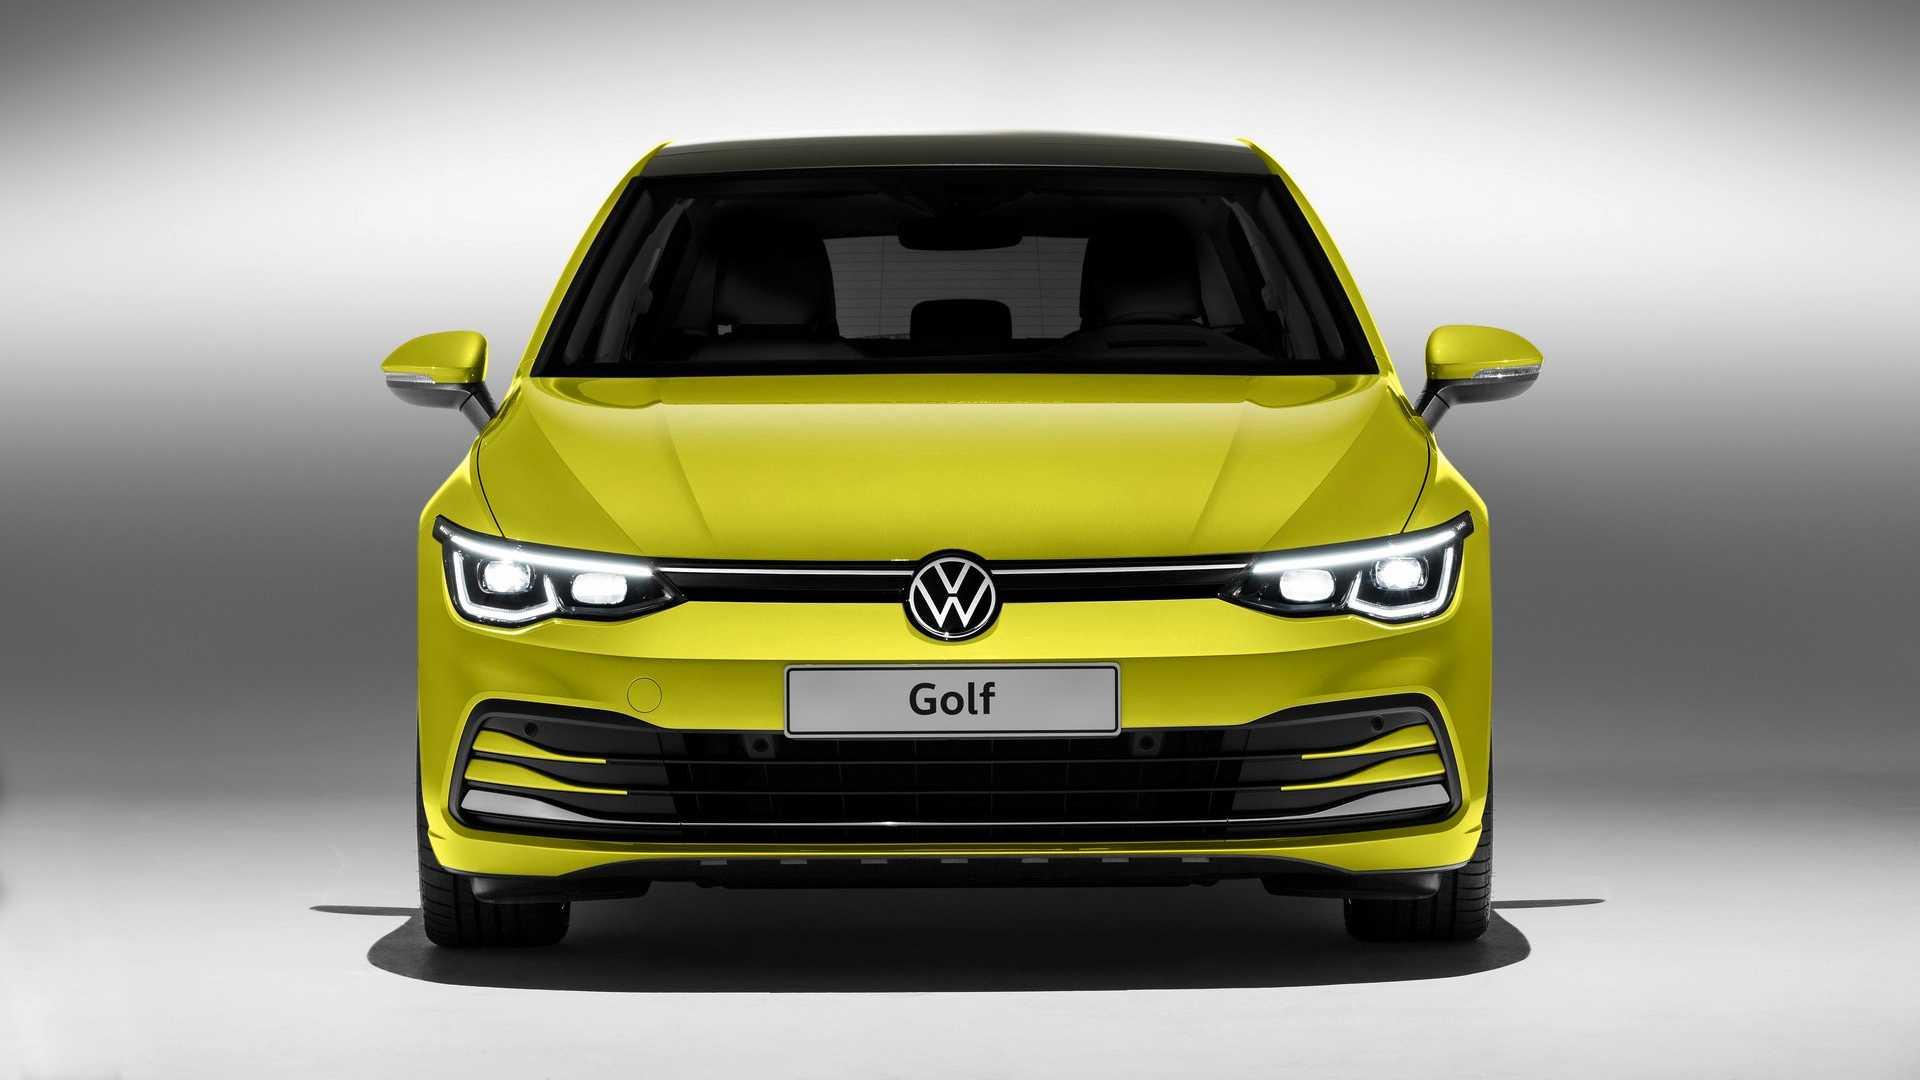 Volkswagen Golf 8 maroc prix et spécification